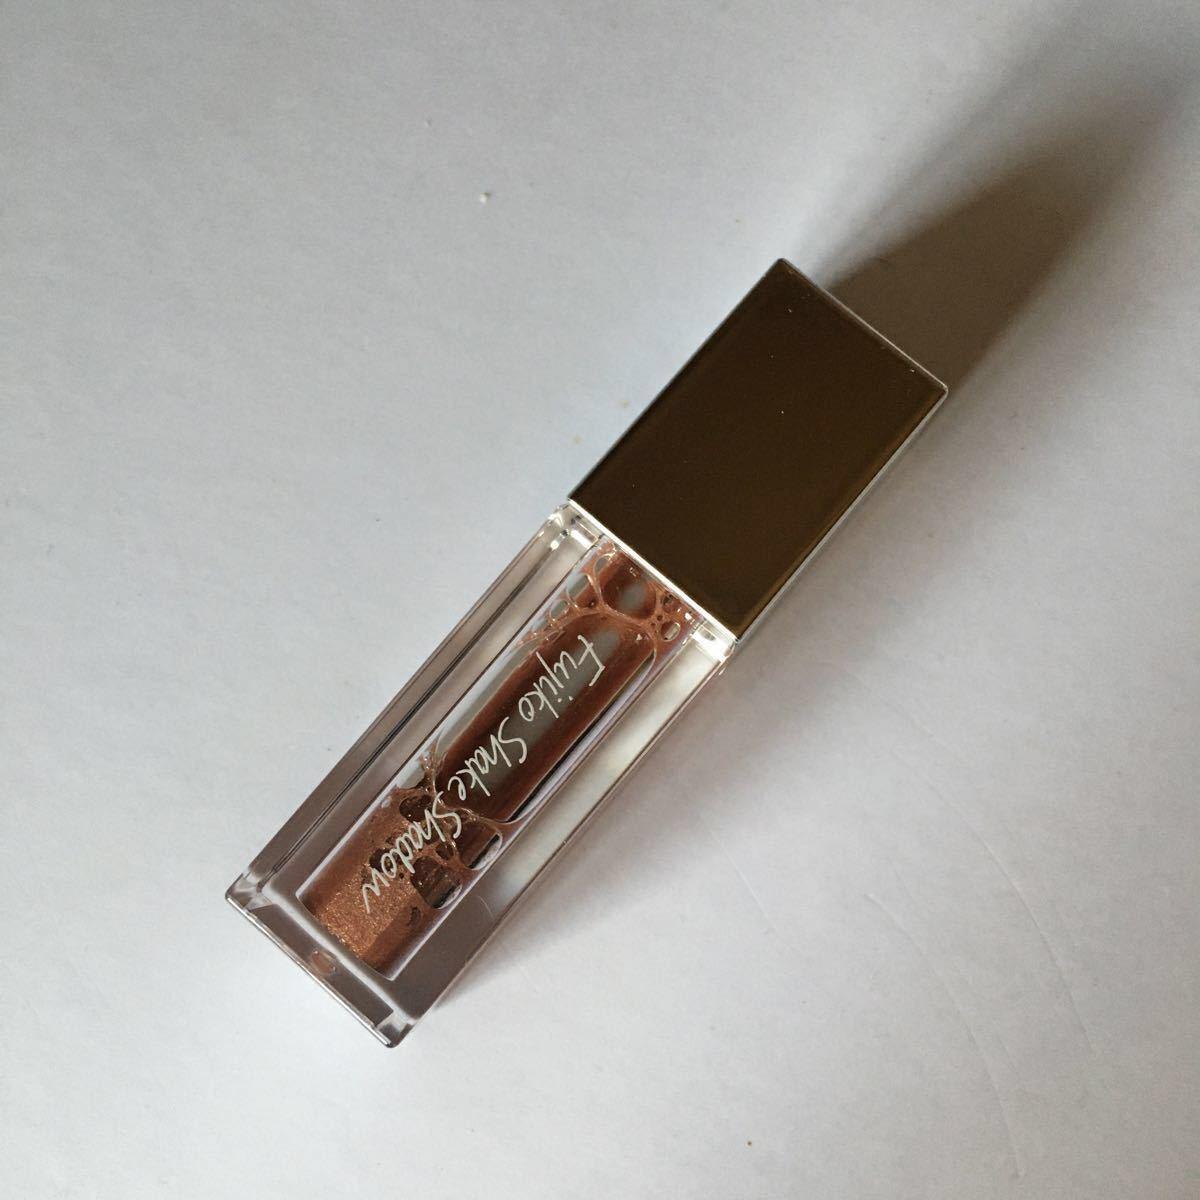 フジコ リンメル エスプリーク フレンチピンク アイシャドウ リキッド 美品  アディクション ADDICTION ザアイシャドウ